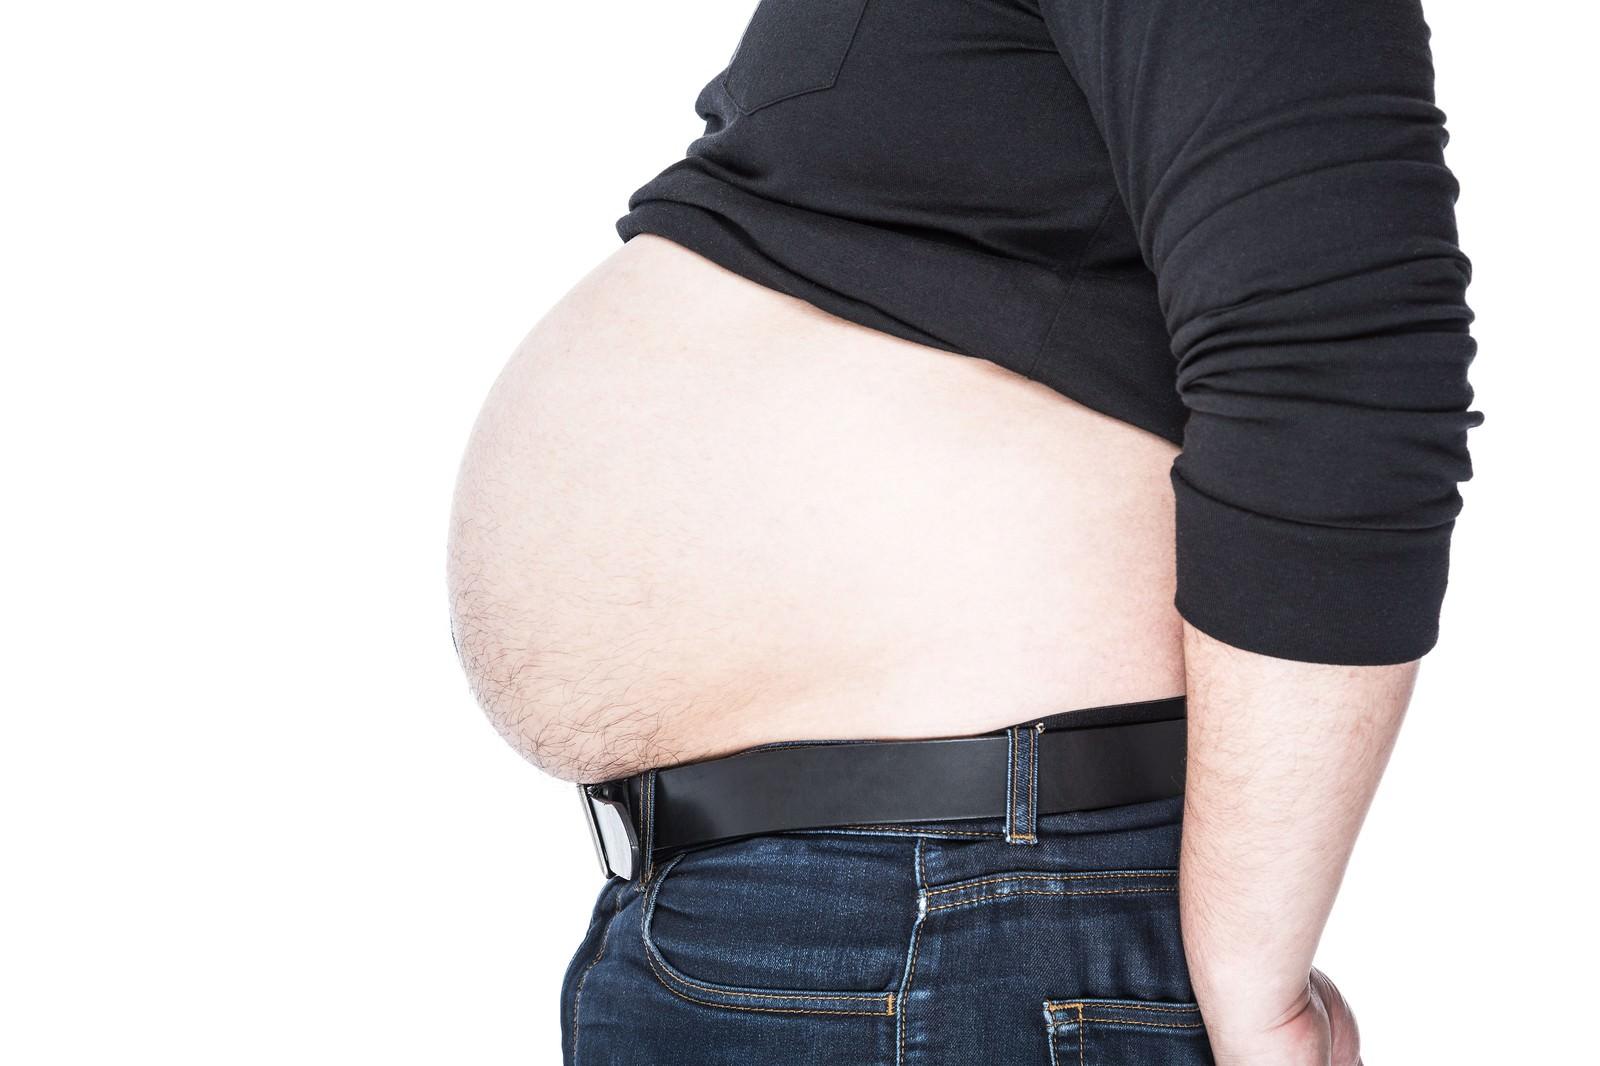 「皮下脂肪をアピールするグラマラスフトイ」の写真[モデル:朽木誠一郎]